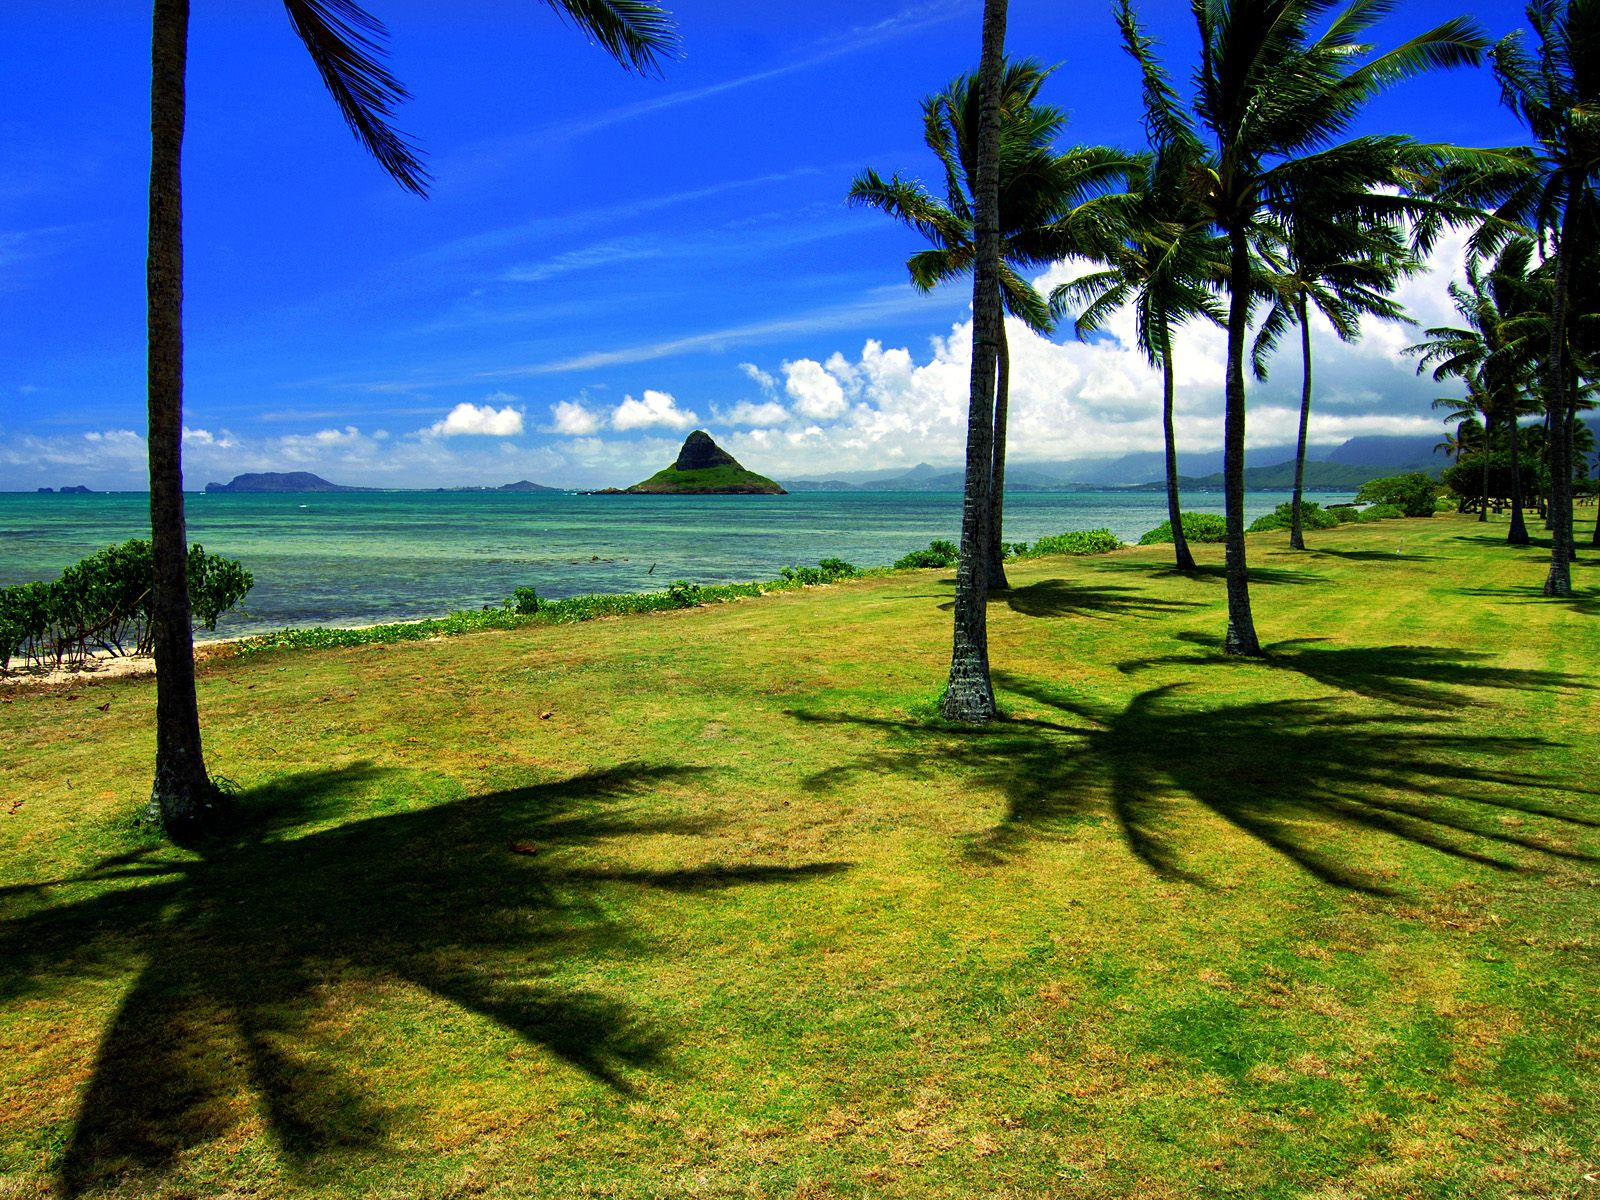 http://2.bp.blogspot.com/_6Ks7mquN8BQ/TMQJXb7CdiI/AAAAAAAAARk/GwkP6hGvhCM/s1600/Oahu,%2BHawaii.jpg